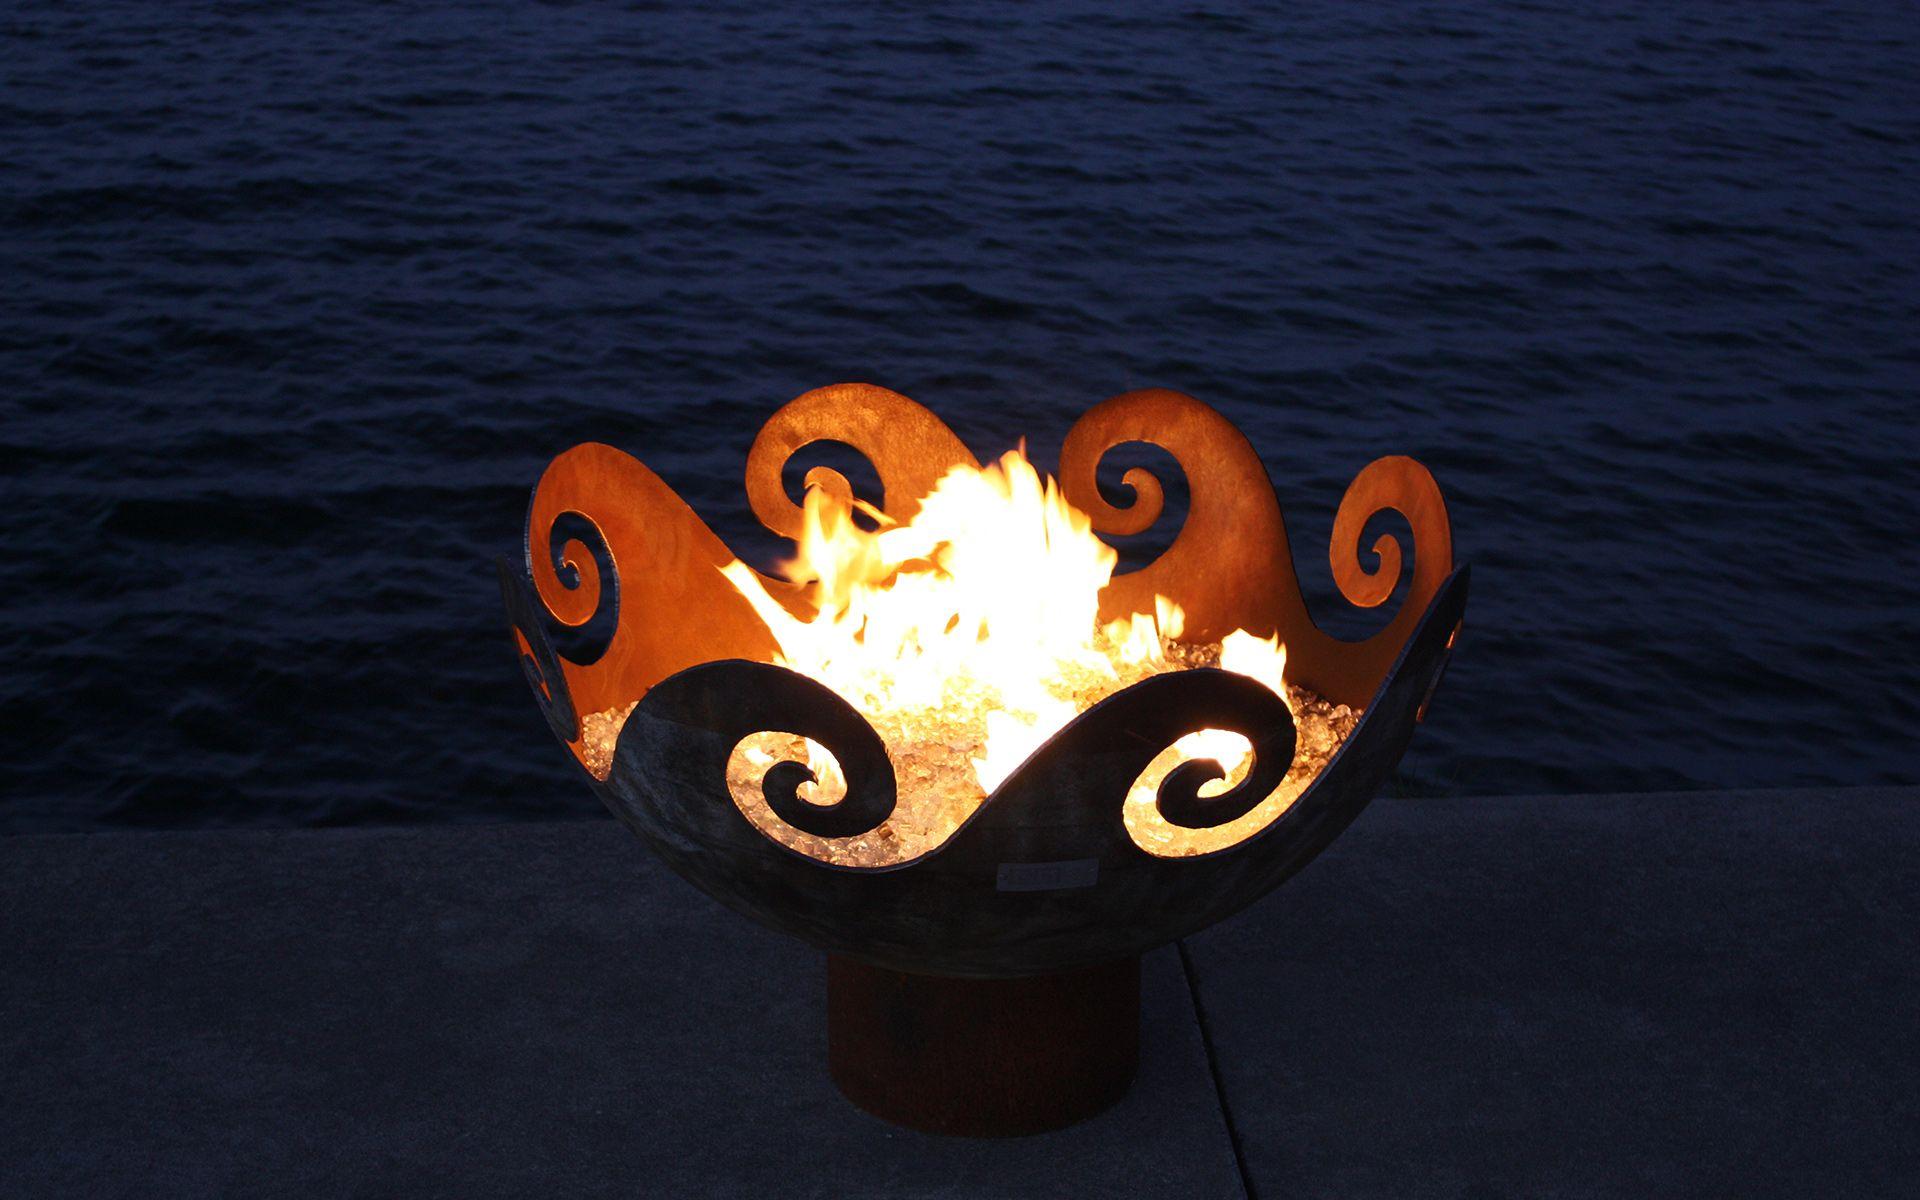 SHOP FOR SCULPTURAL FIREBOWLS – WAVES O FIRE